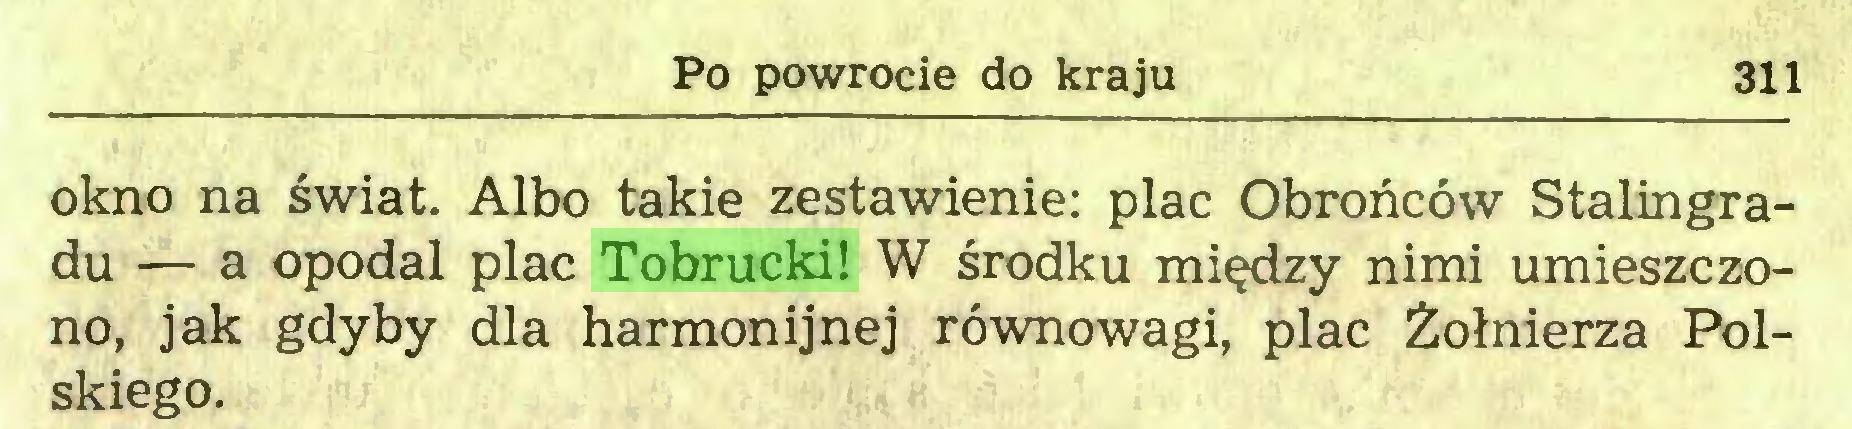 (...) Po powrocie do kraju 311 okno na świat. Albo takie zestawienie: plac Obrońców Stalingradu — a opodal plac Tobrucki! W środku między nimi umieszczono, jak gdyby dla harmonijnej równowagi, plac Żołnierza Polskiego...